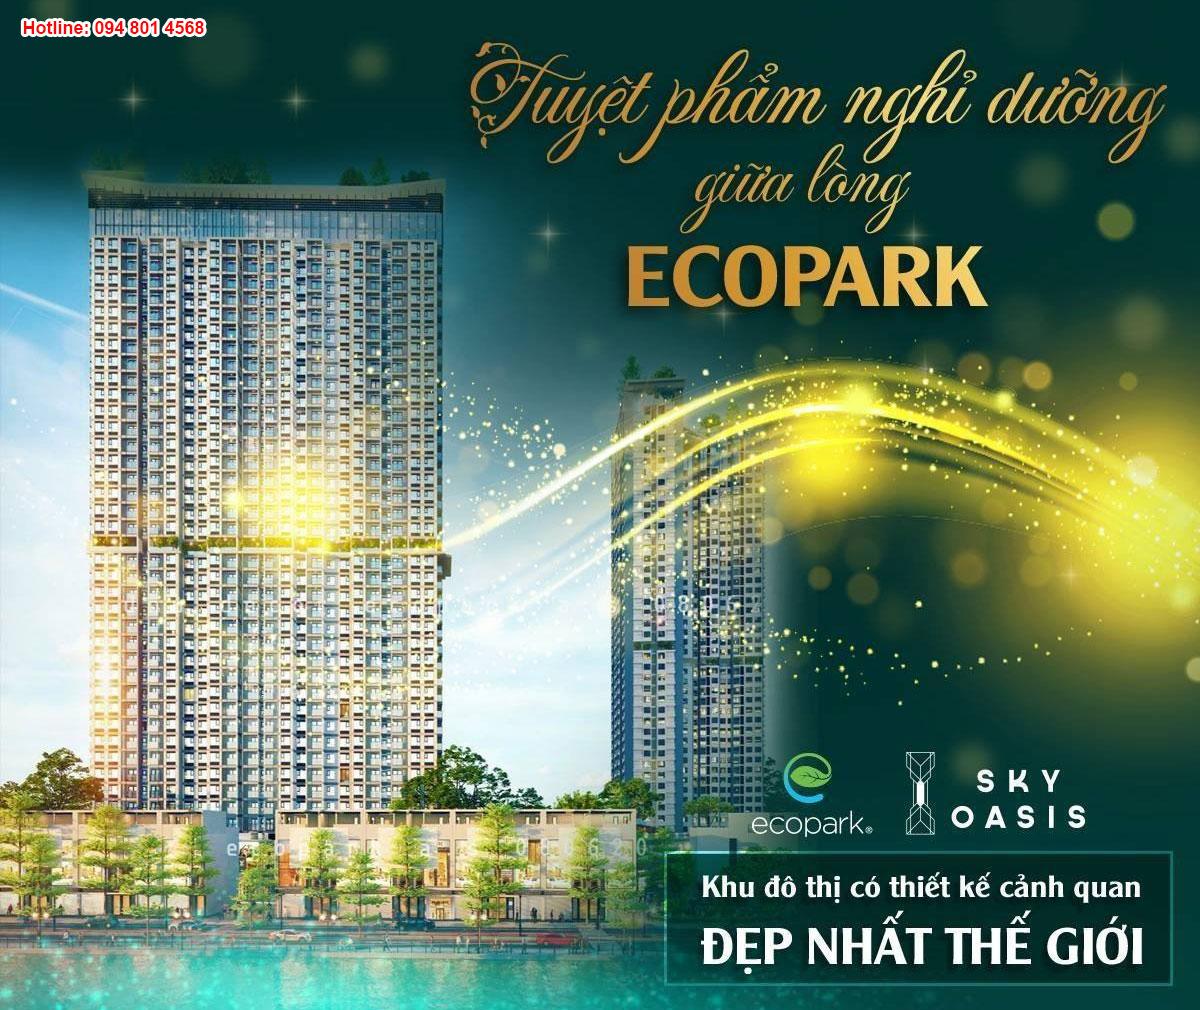 S3 Sky Oasis Ecopark - Tiềm năng lớn tại khu vực kinh tế trọng điểm phía Bắc